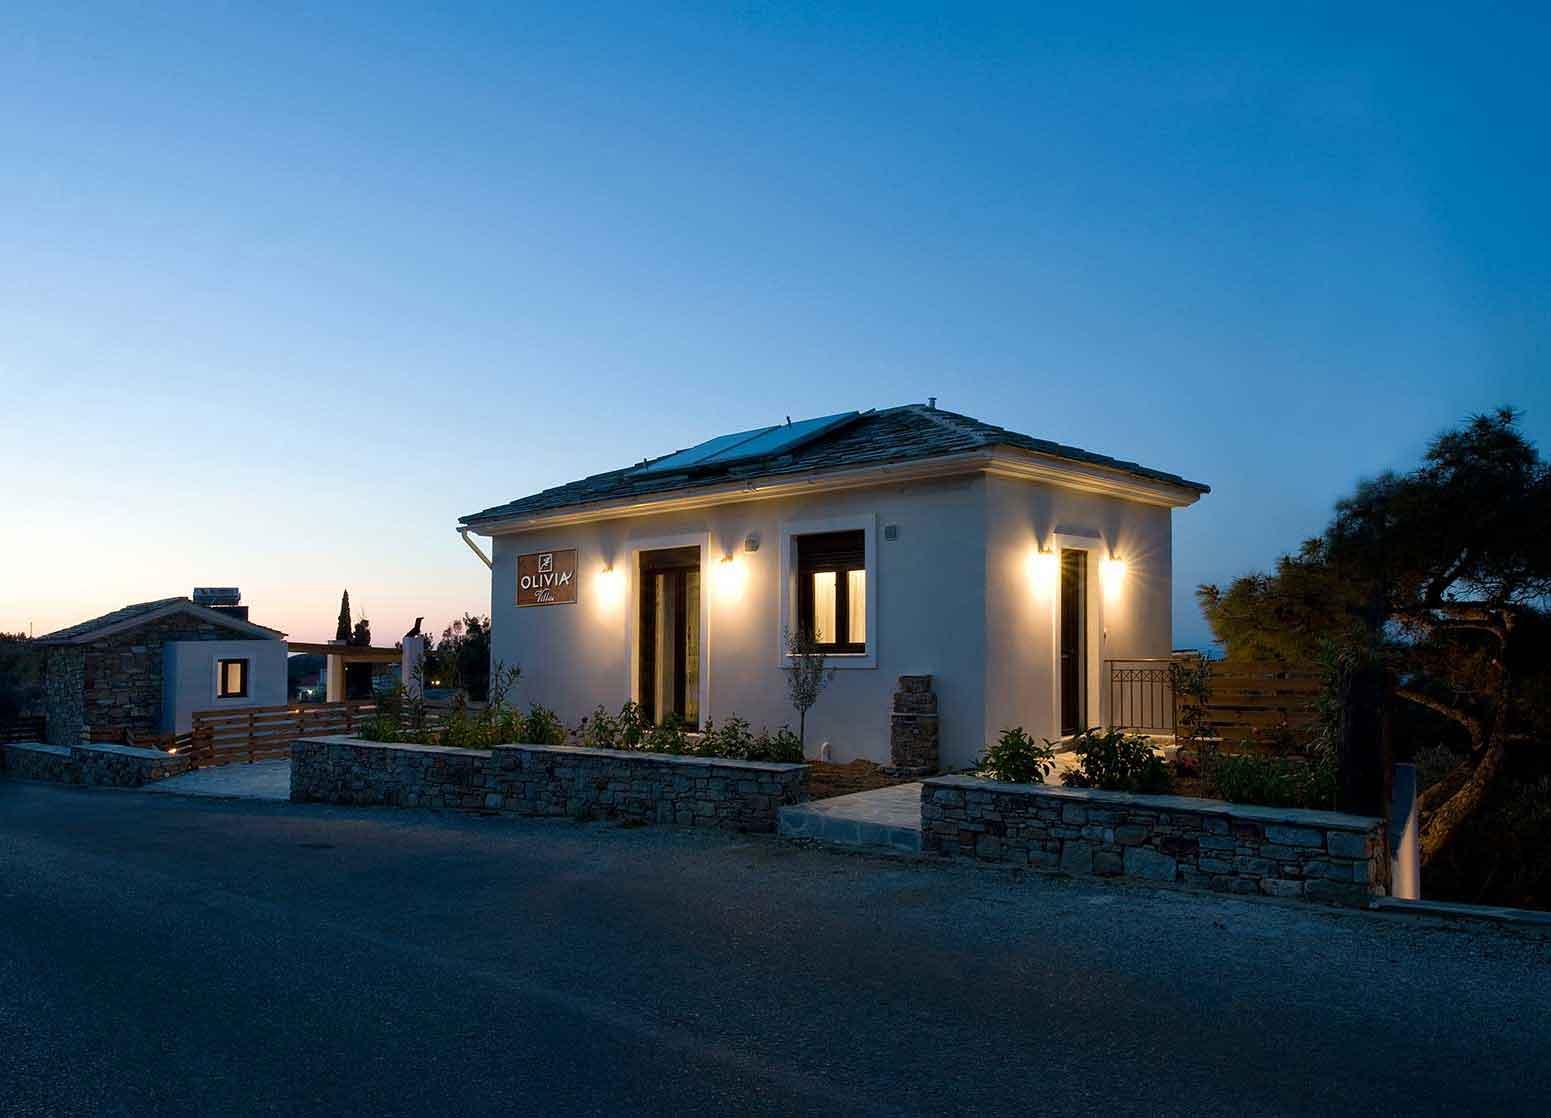 ικαρία olivia villas εξωτερικός χώρος